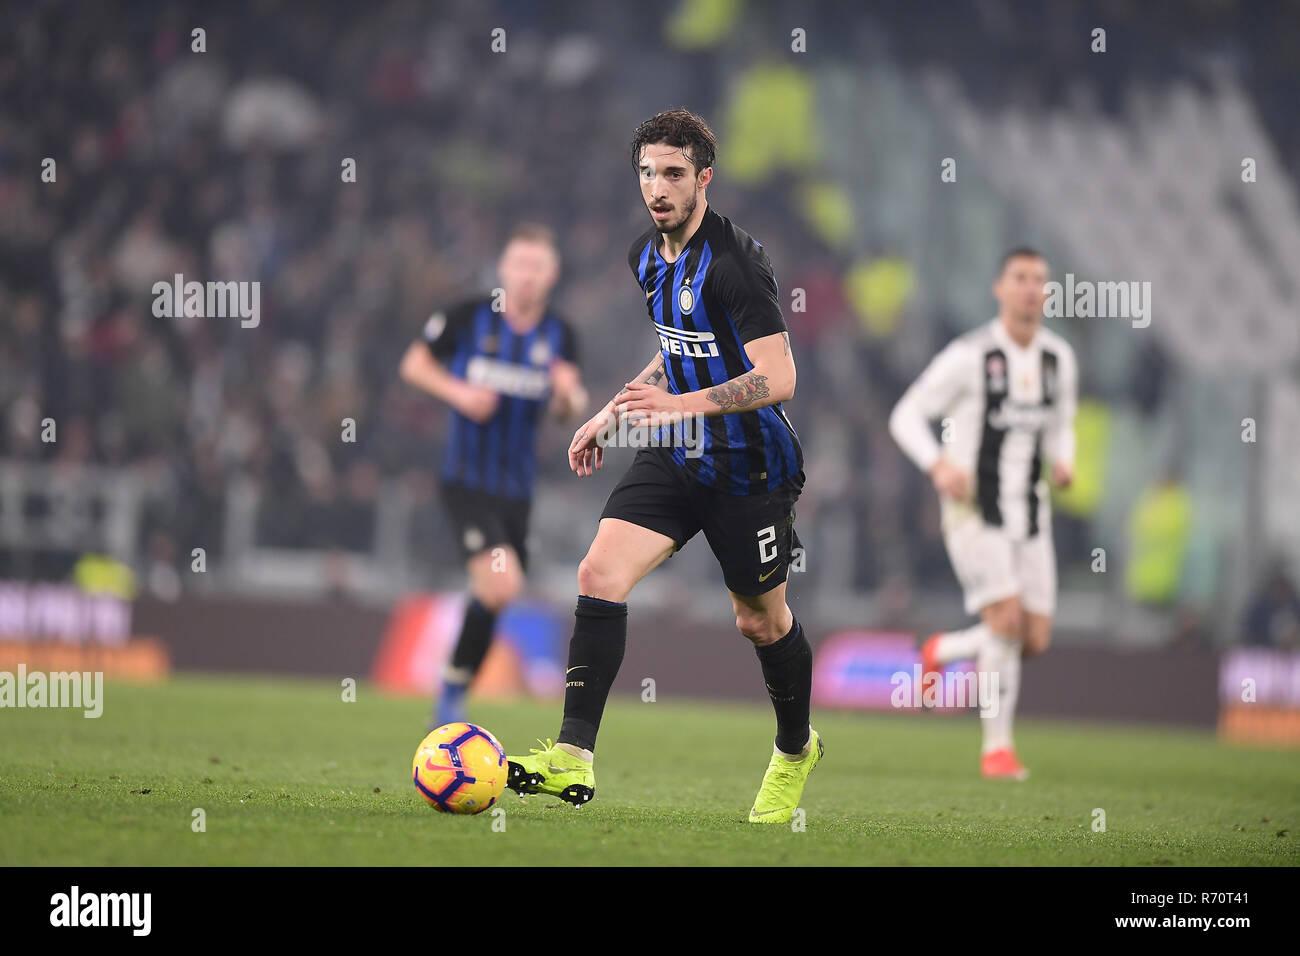 Turin Italy 7th December 2018 Fc Vs Inter Campionato Di Calcio Serie A Tim 2018 2019